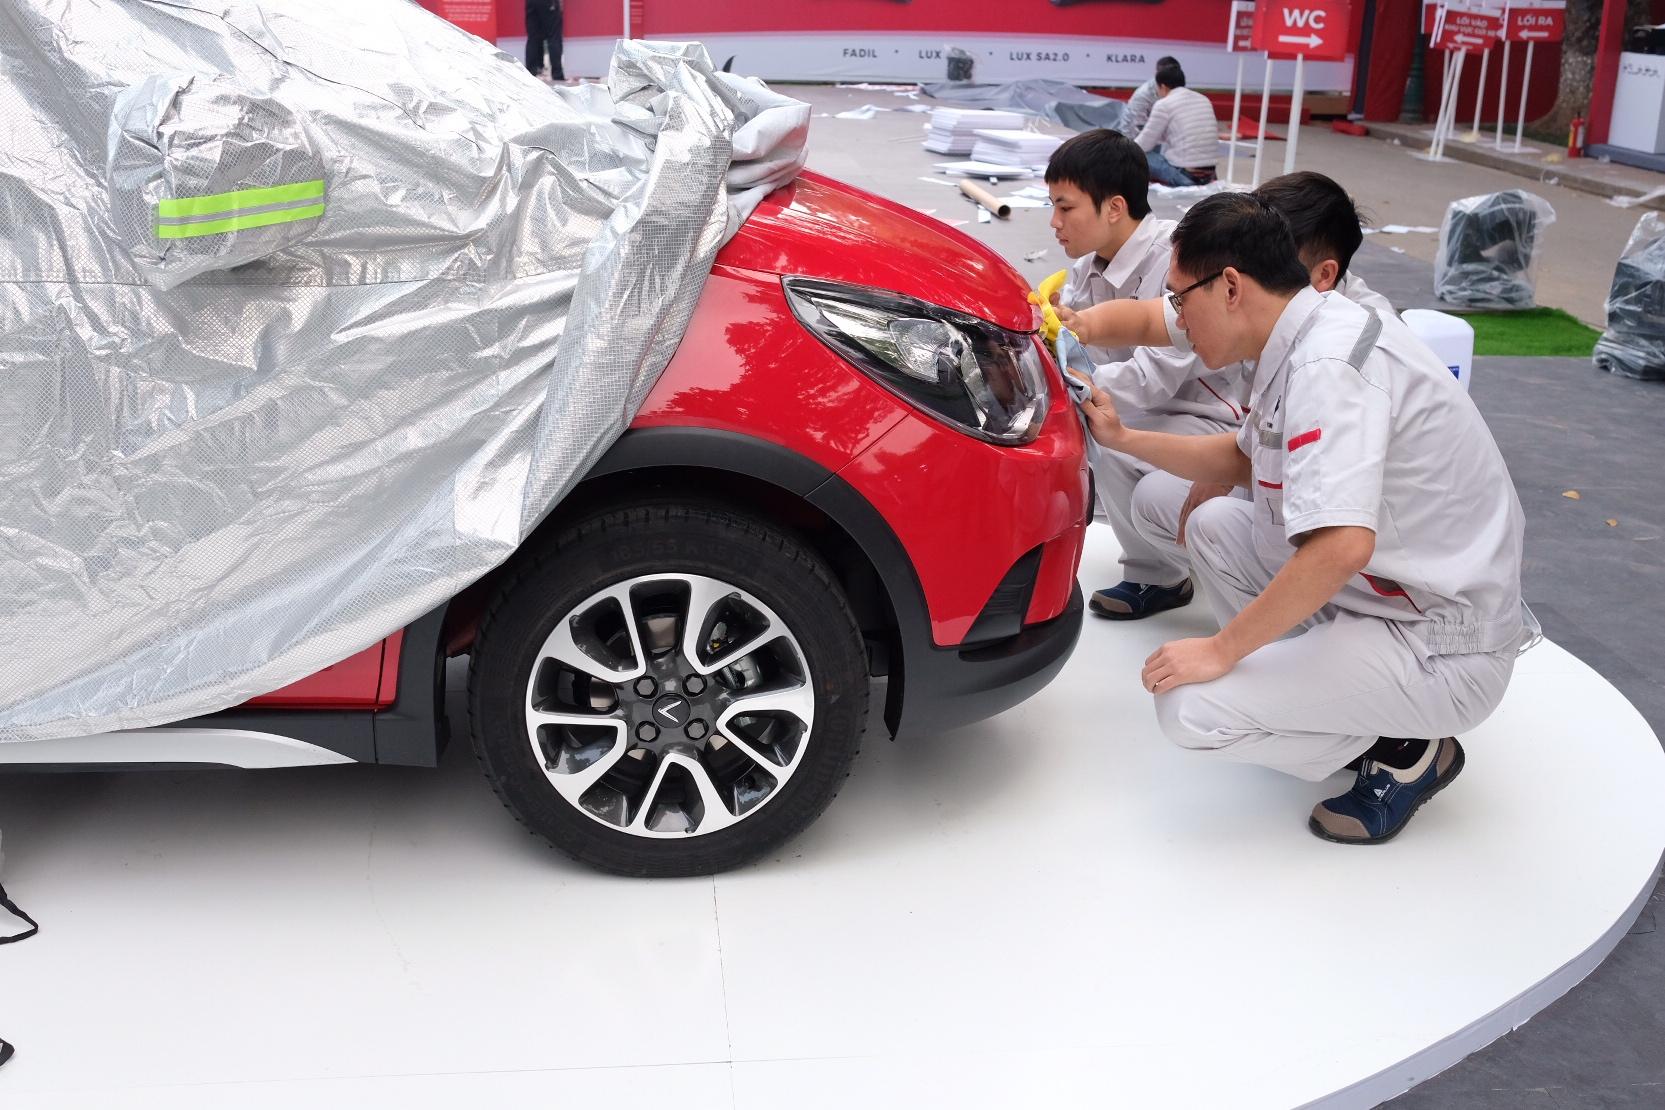 Những hình ảnh mới nhất của ô tô Vinfast chuẩn bị lễ ra mắt tại Hà Nội